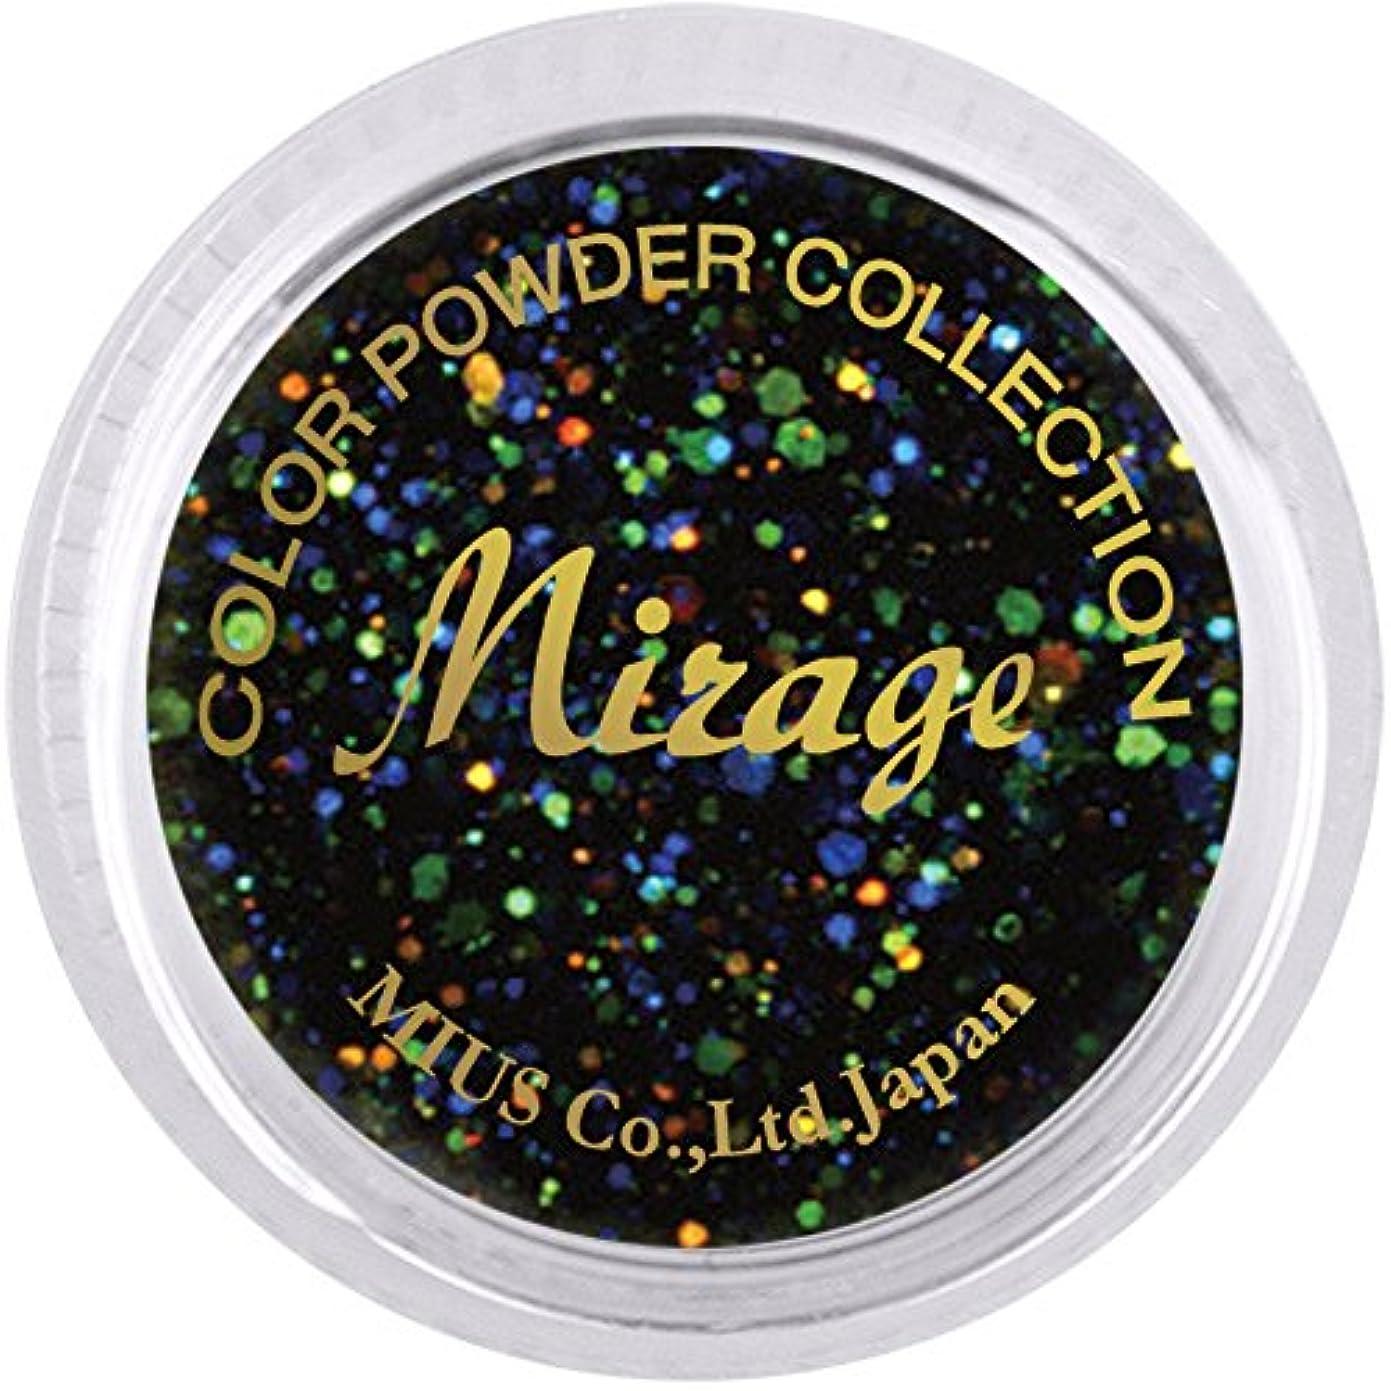 経済フレット干ばつミラージュ カラーパウダー N/CP-5 7g アクリルパウダー 微粒子ラメのビビッドシリーズ